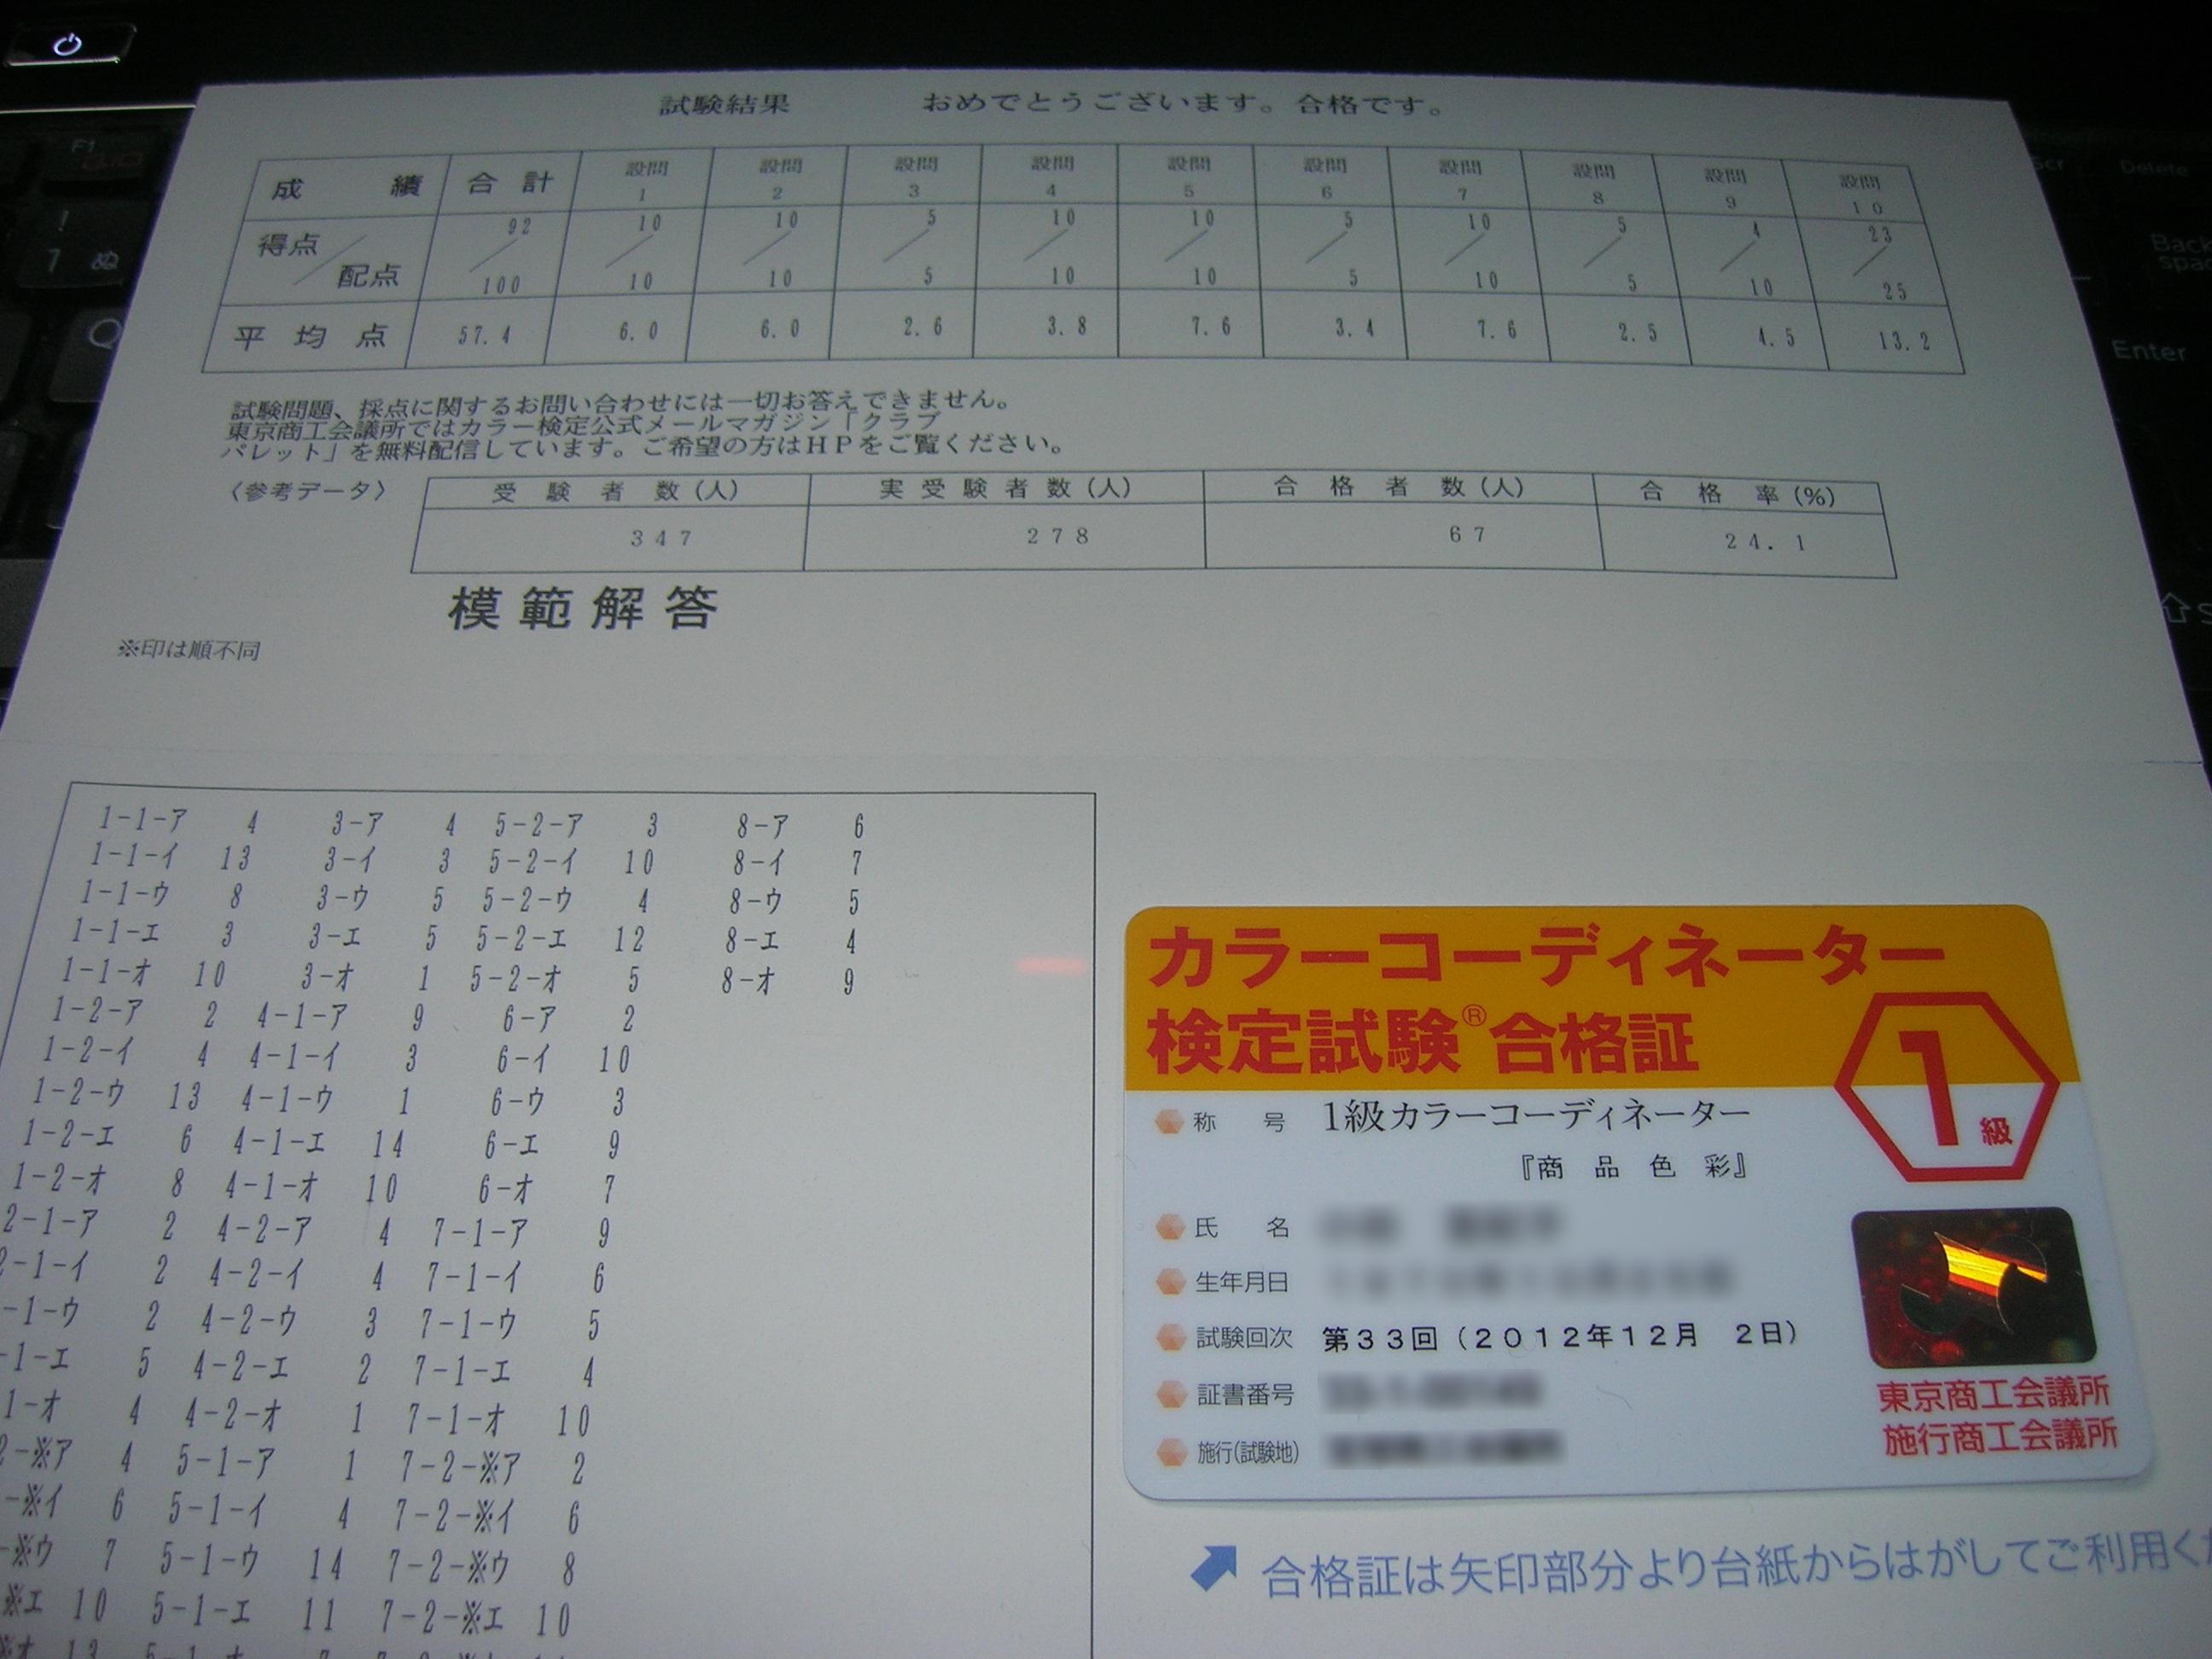 合格通知兼成績表と合格証カード